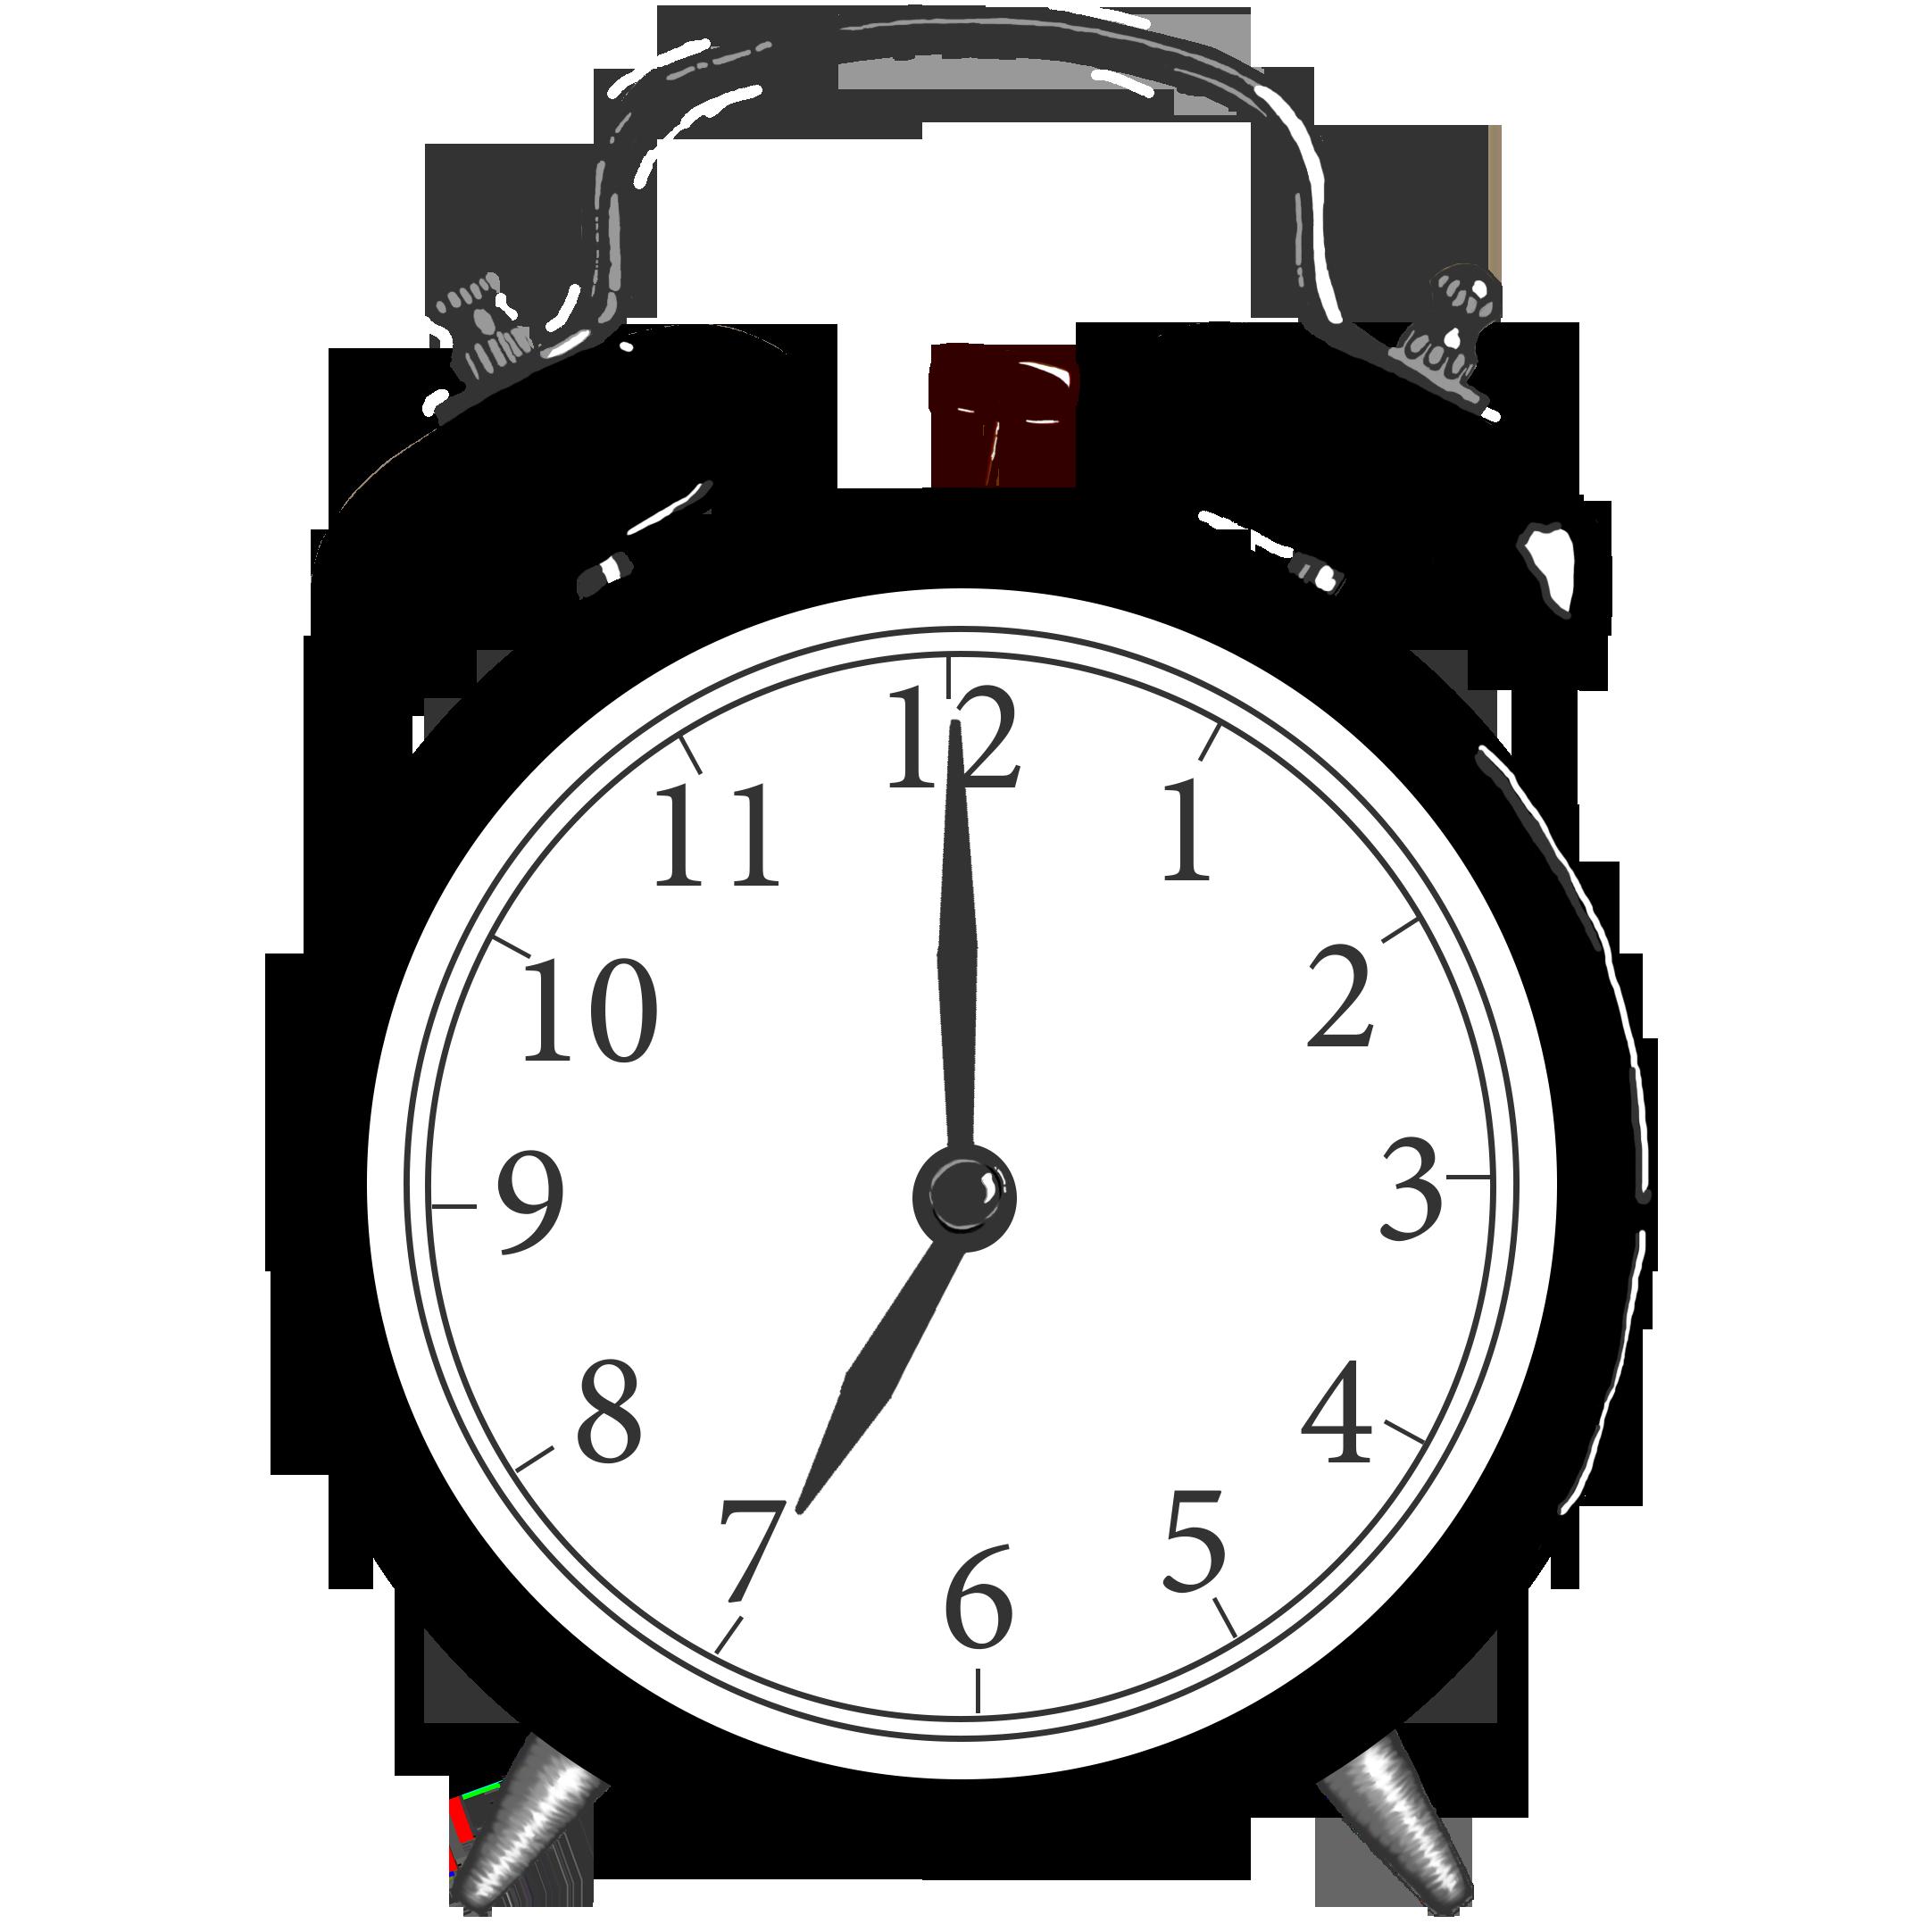 Morning clipart morning clock. Roshan daswani i was